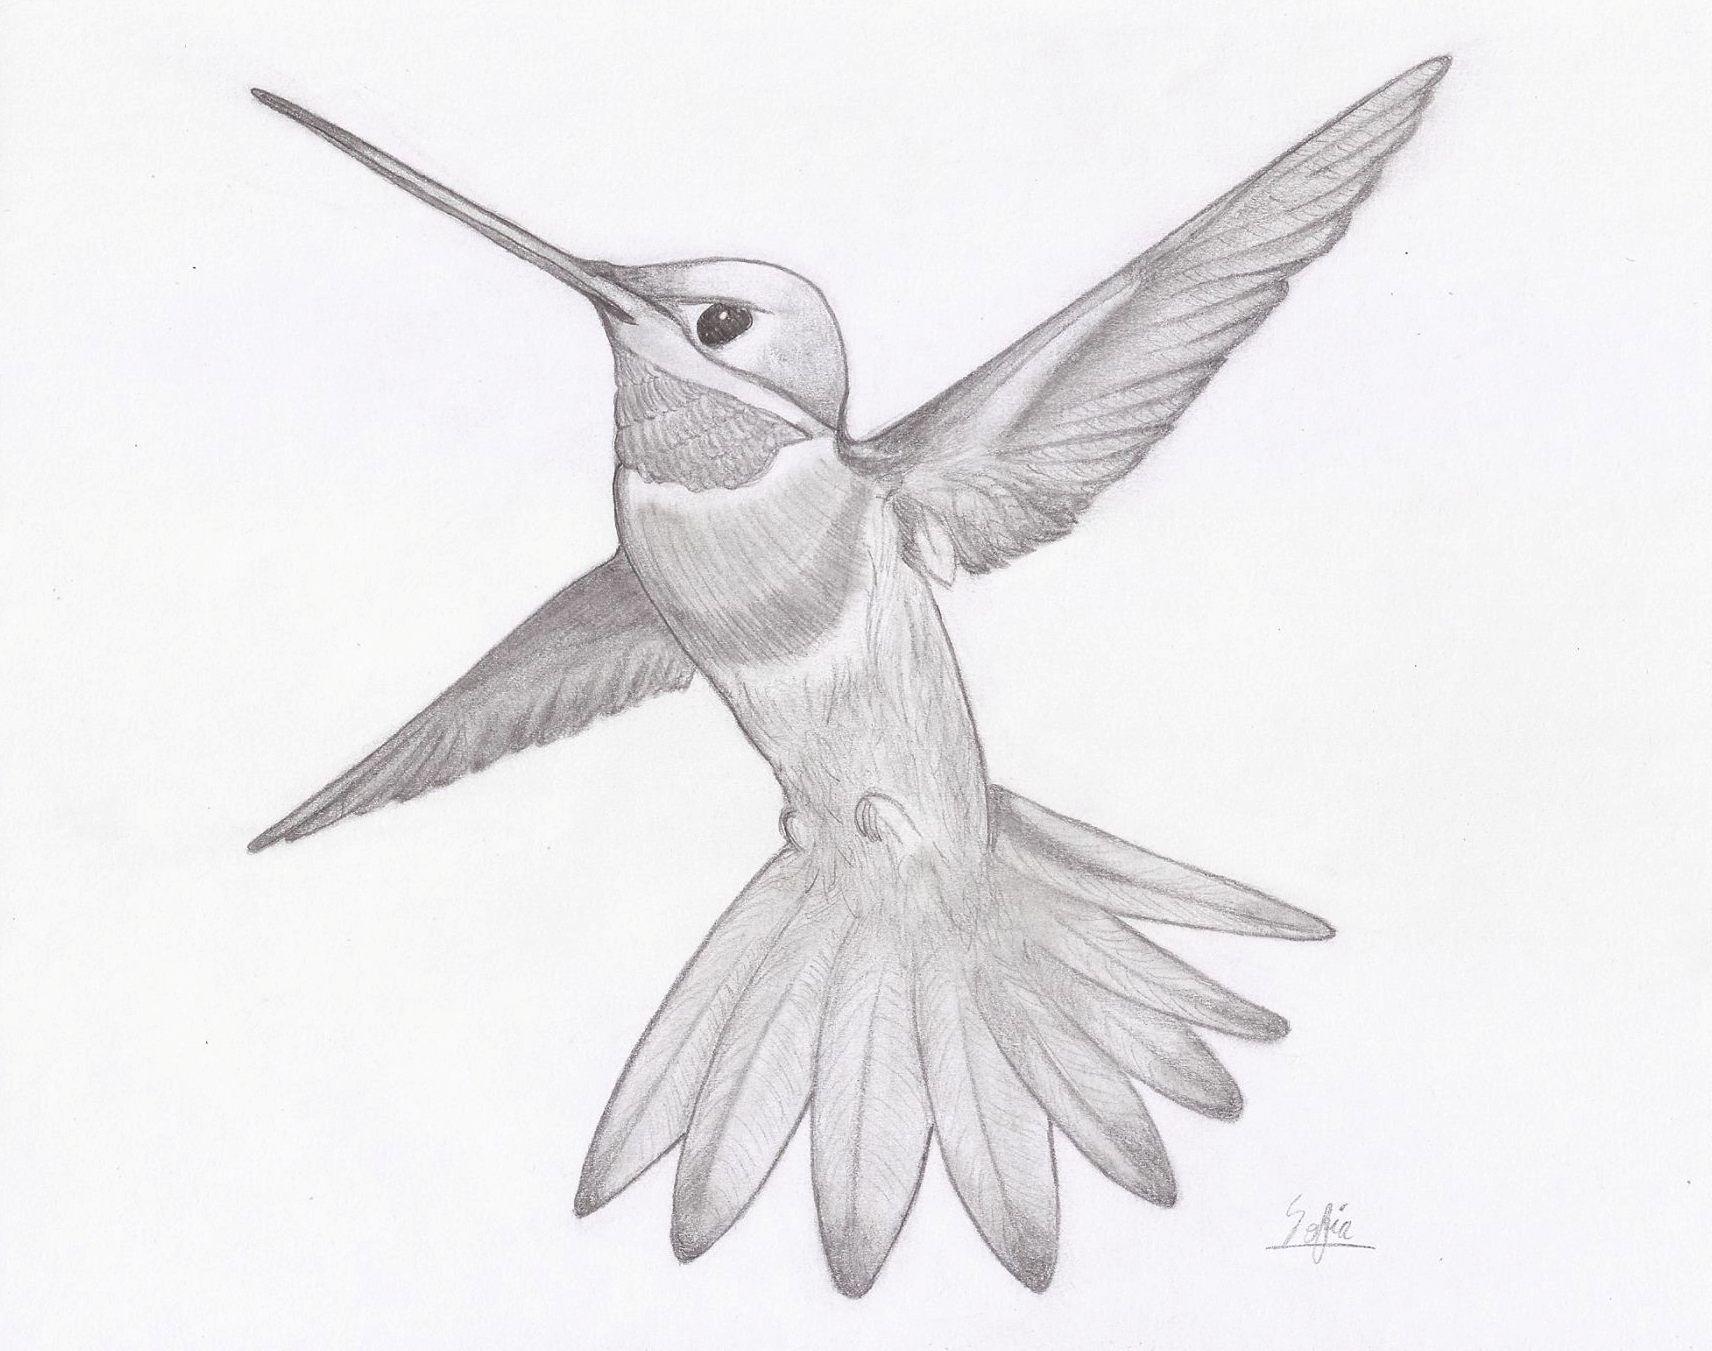 Hummingbird Drawing Dibujo De Colibri Picaflor Colibri Dibujo